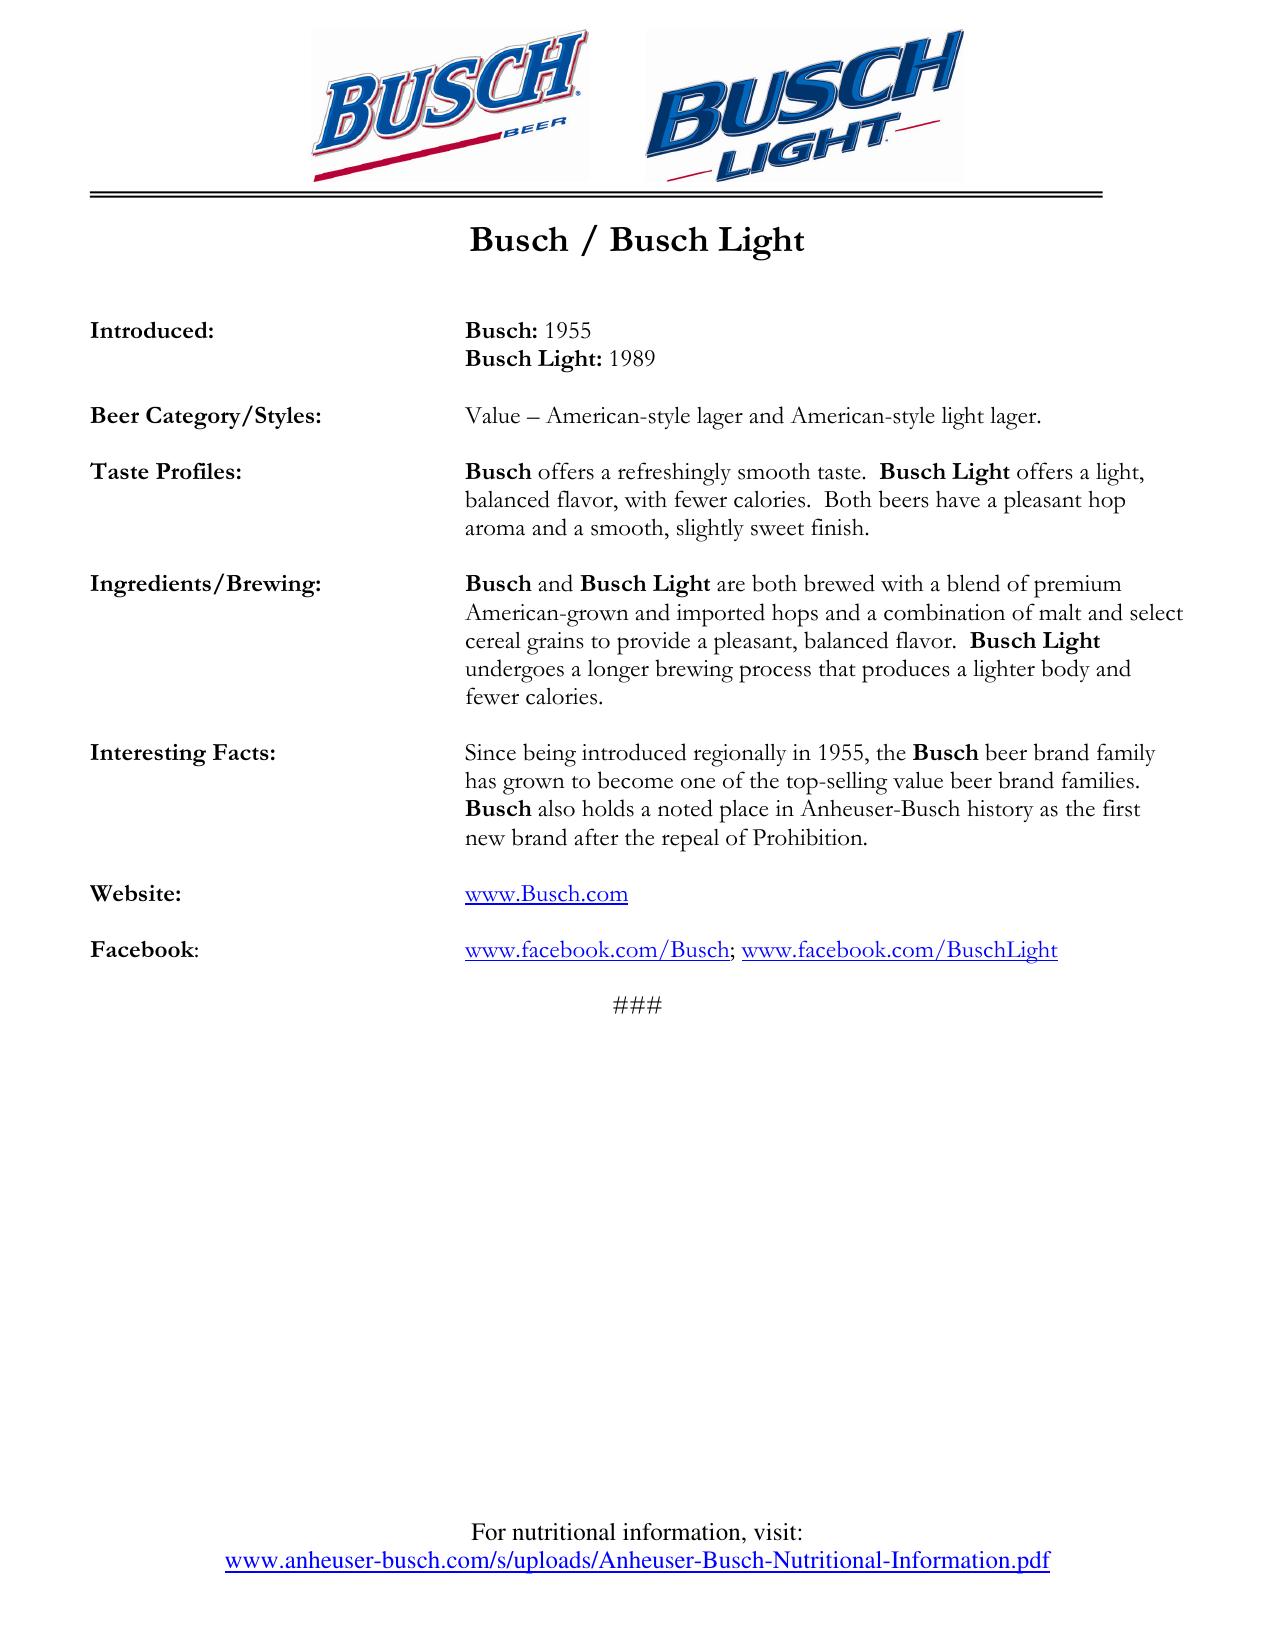 Busch / Busch Light - Anheuser